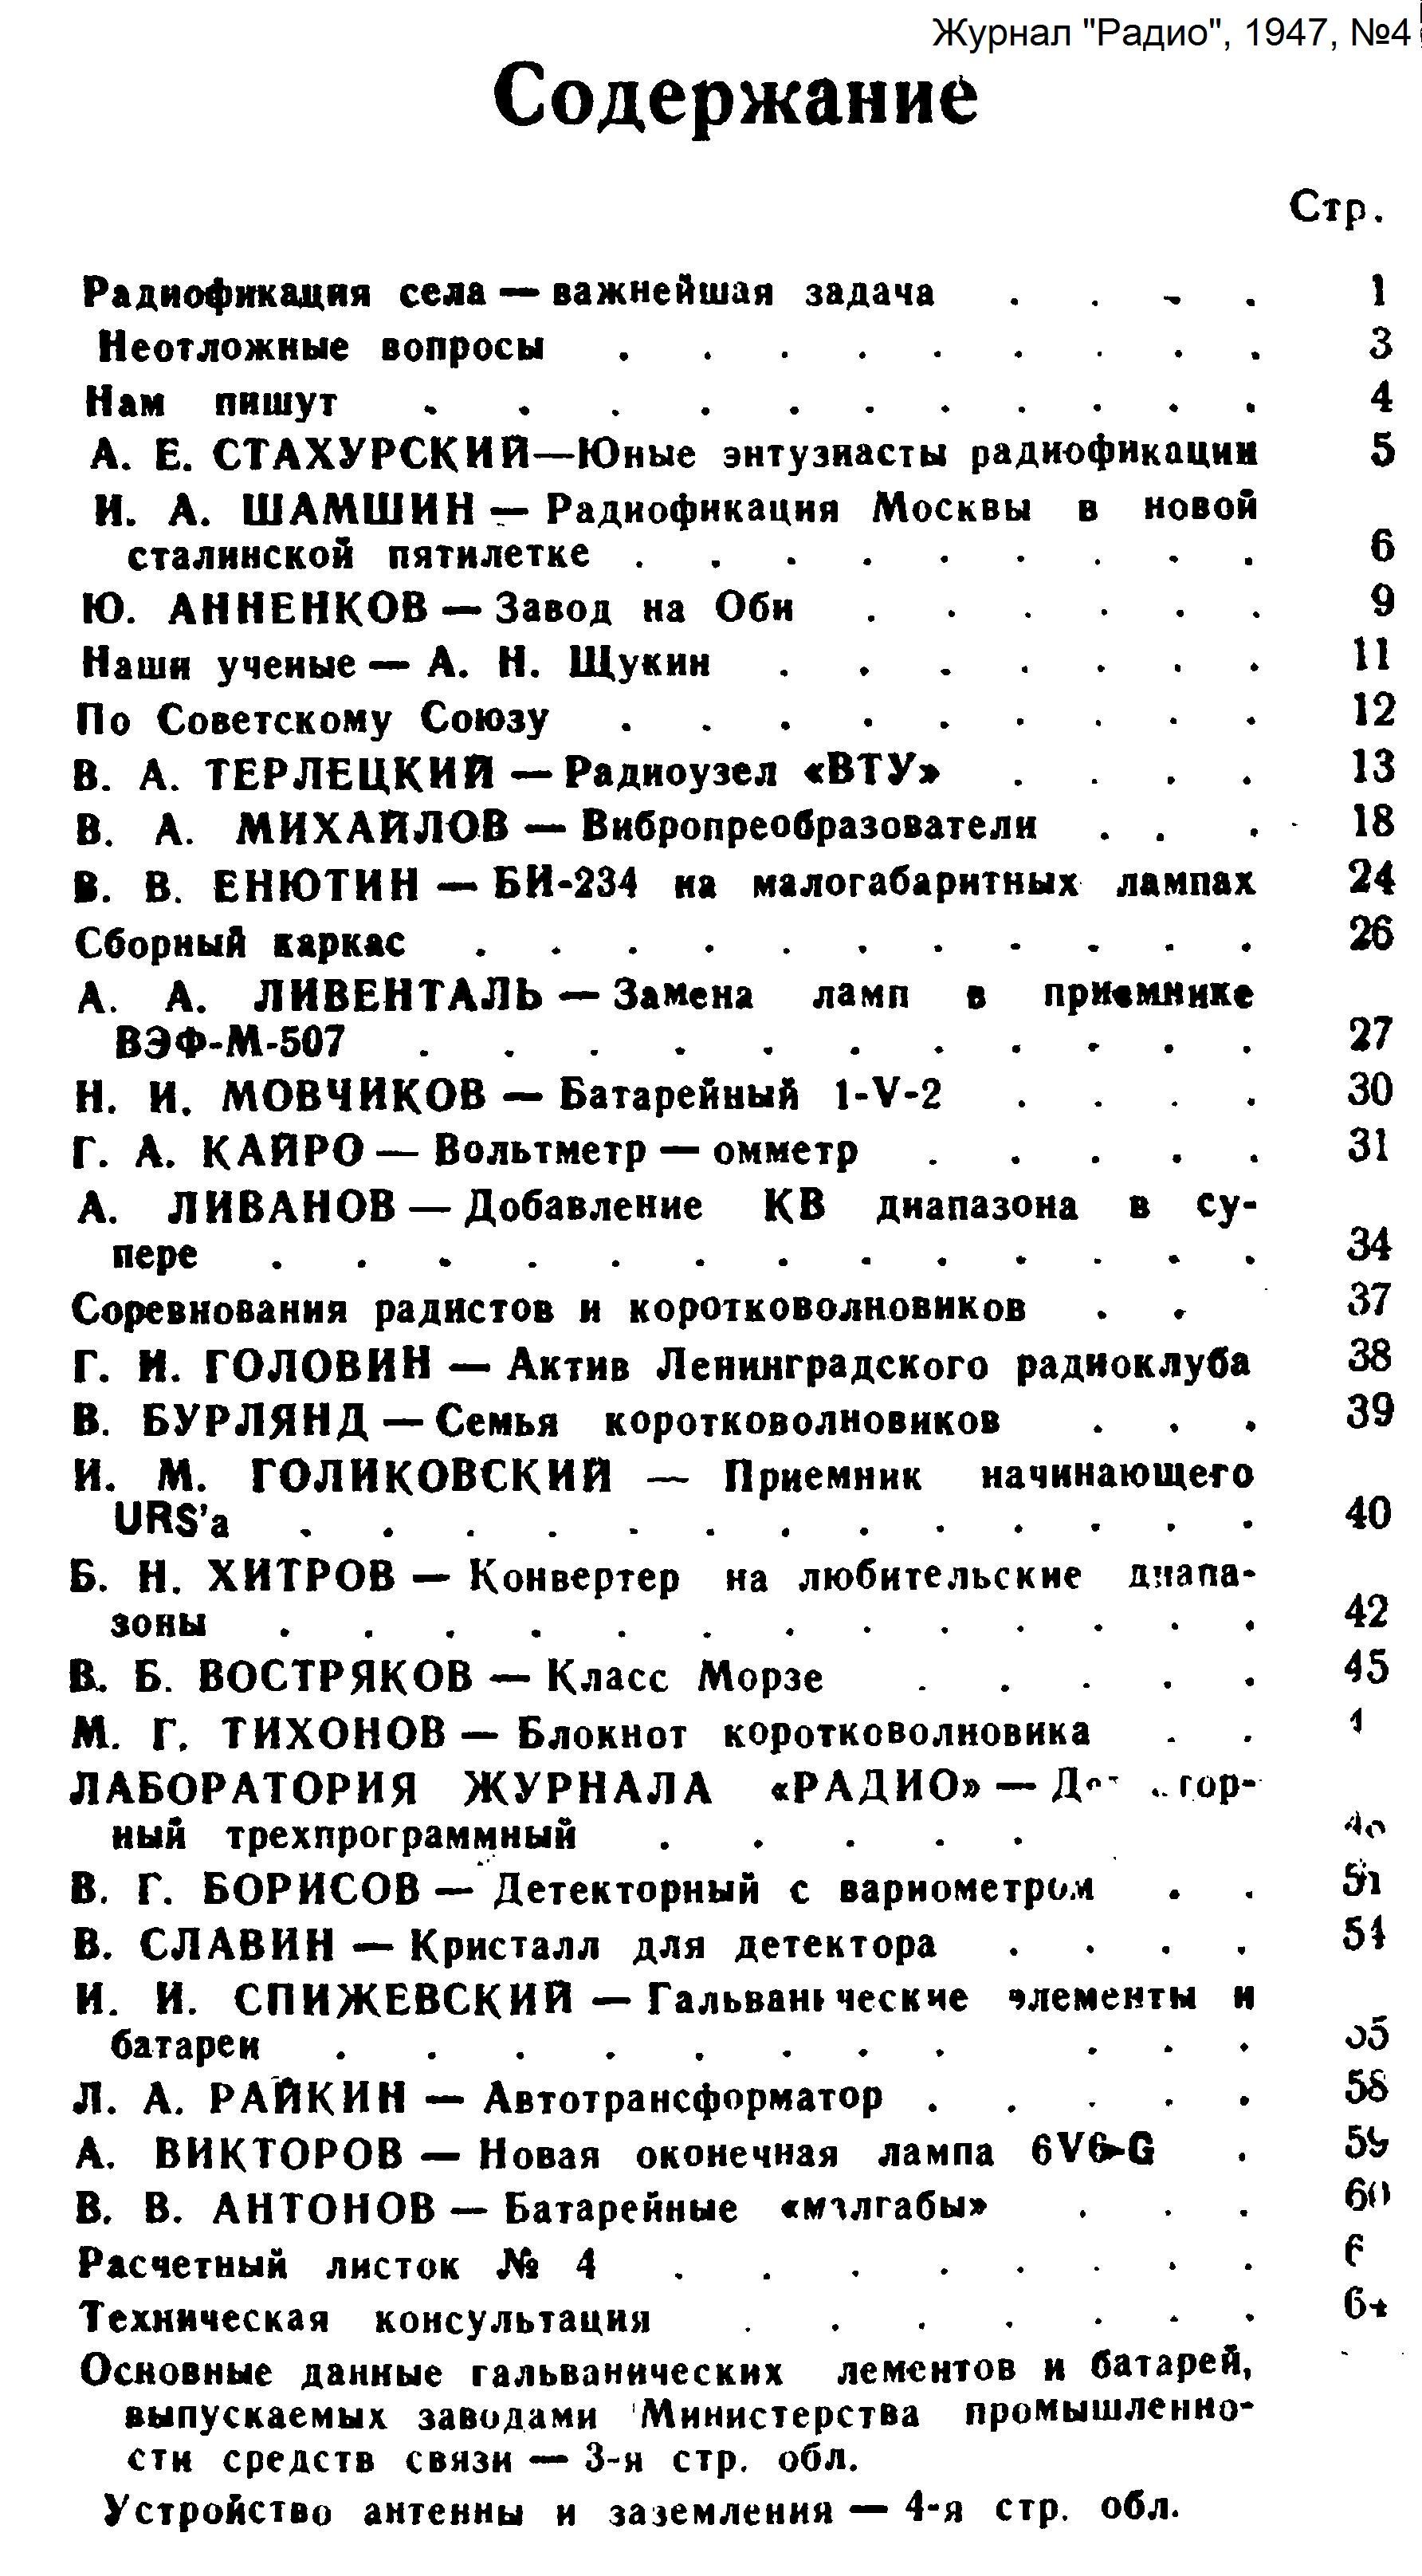 Нажмите на изображение для увеличения.  Название:Оглавление_Радио_1947-04_konstantin.in.jpg Просмотров:8 Размер:1.22 Мб ID:208749